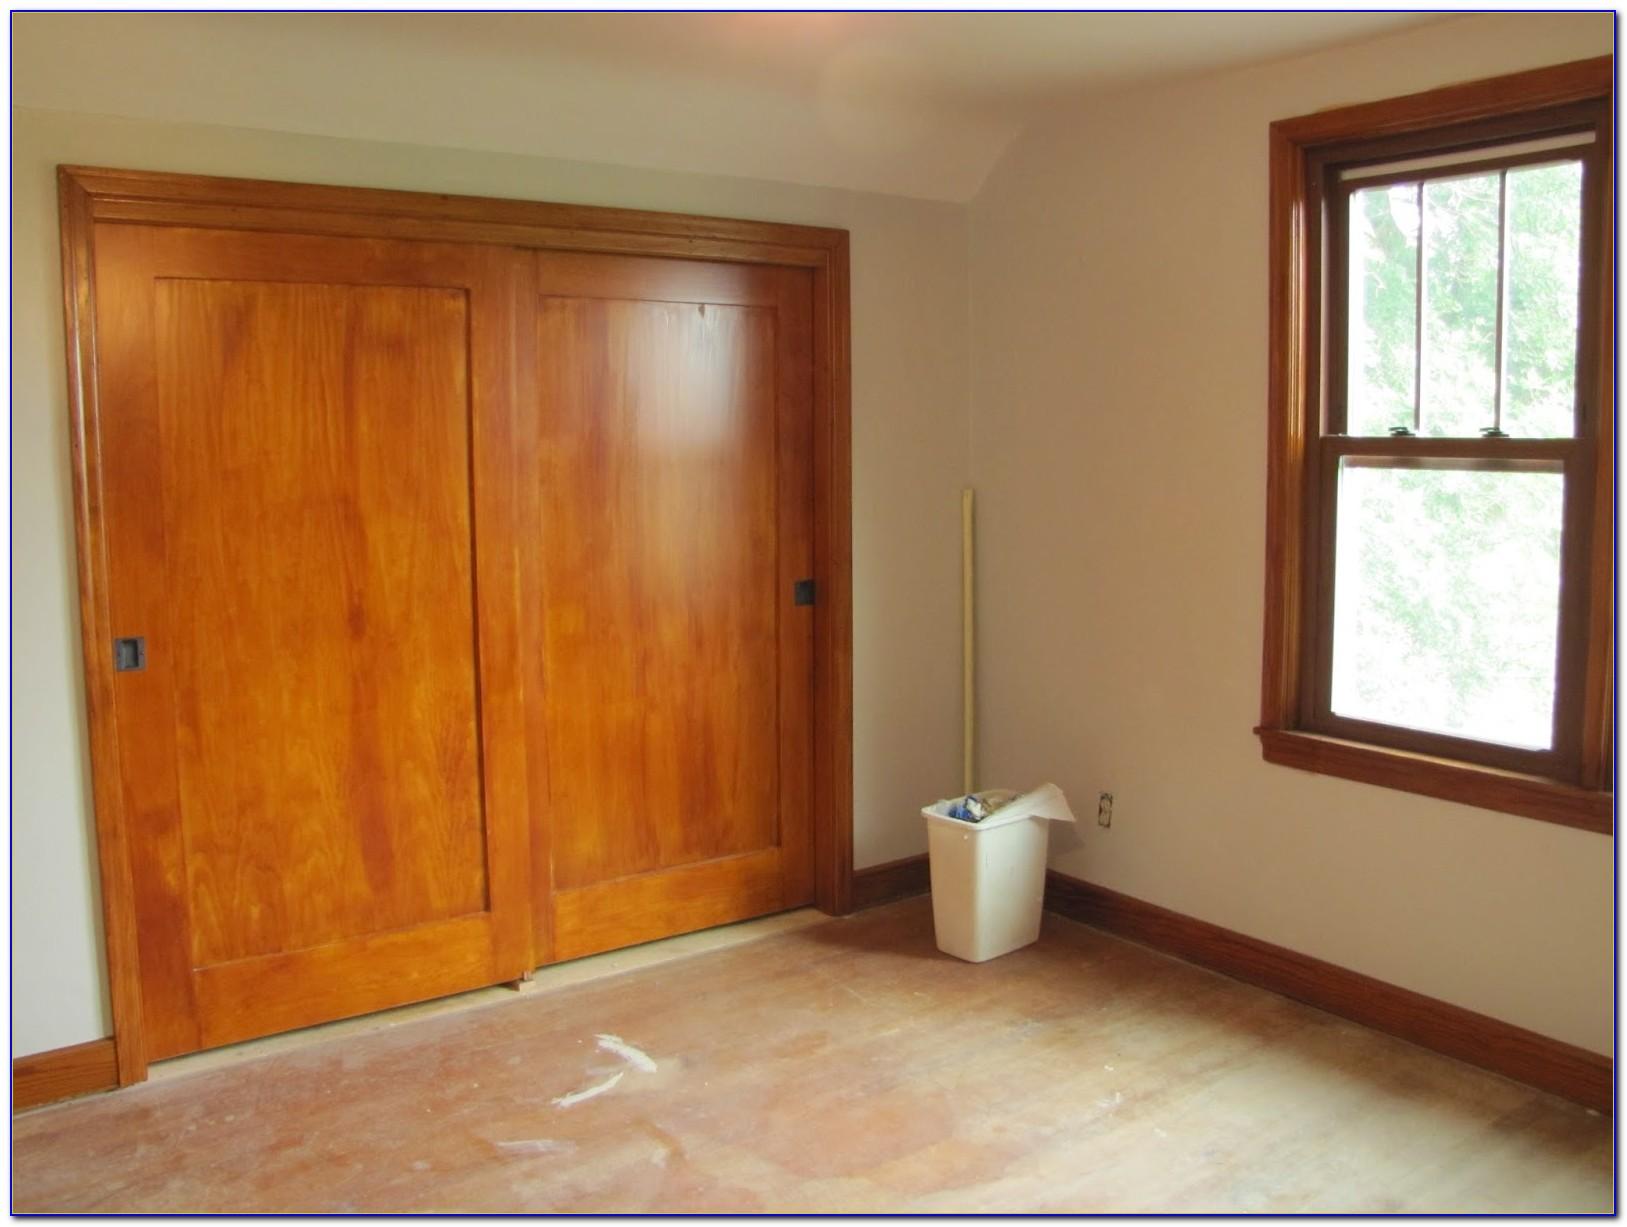 Wood Closet Doors For Bedrooms